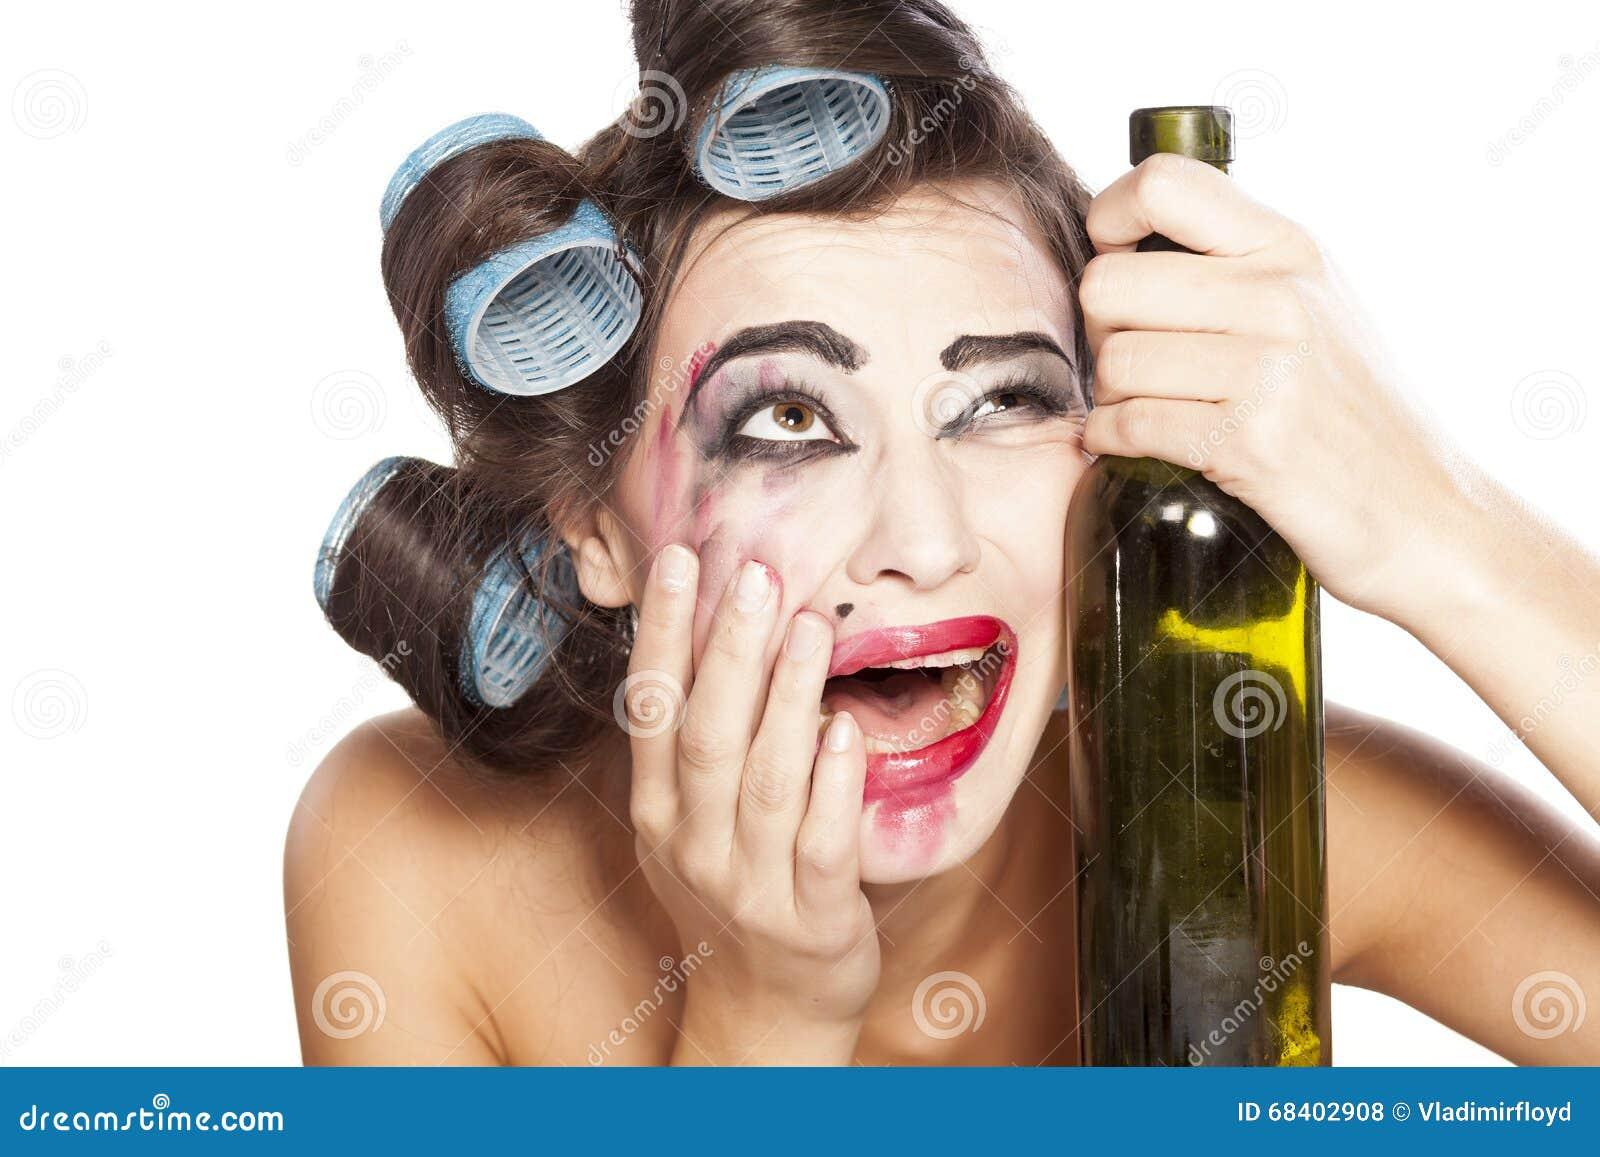 Краткость сестра, смешные картинки женщина плачет